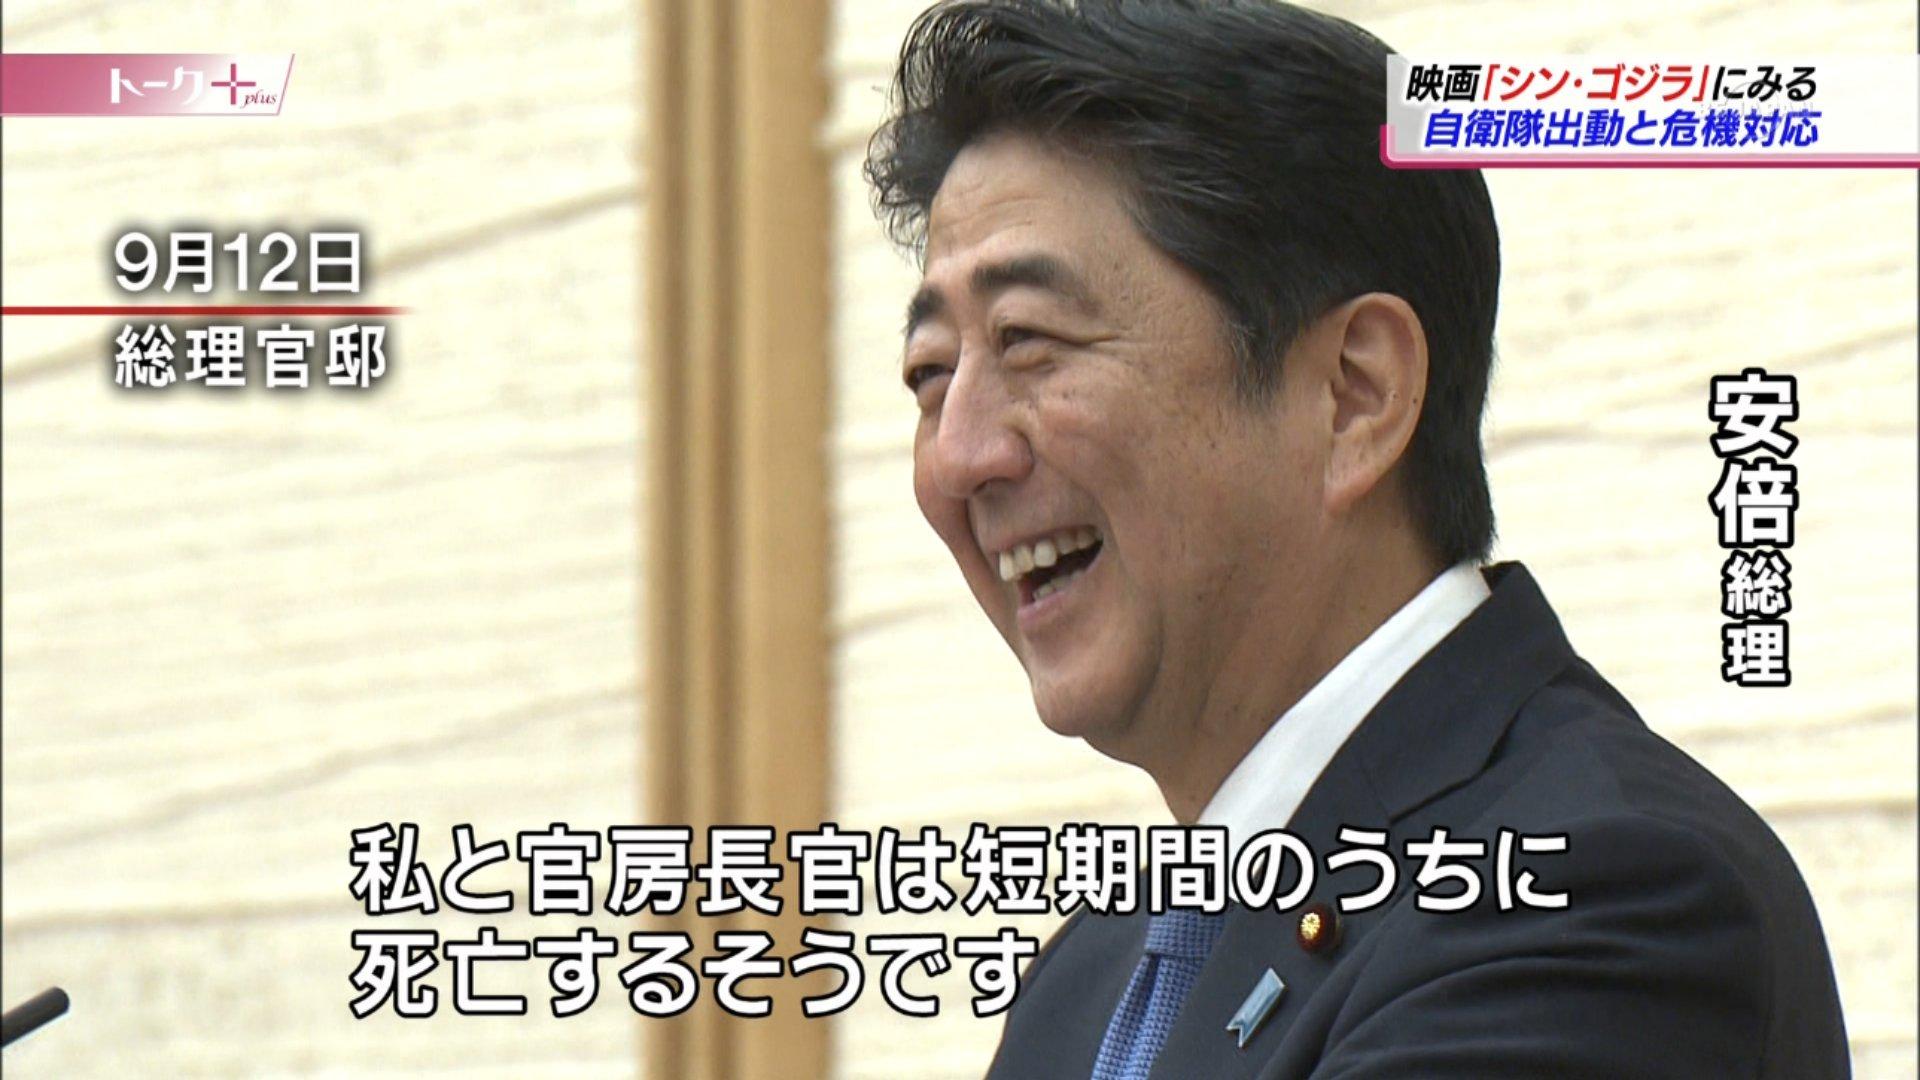 「シン・ゴジラ」で総理と官房長官が死ぬことを?いい笑顔で話す安倍総理www